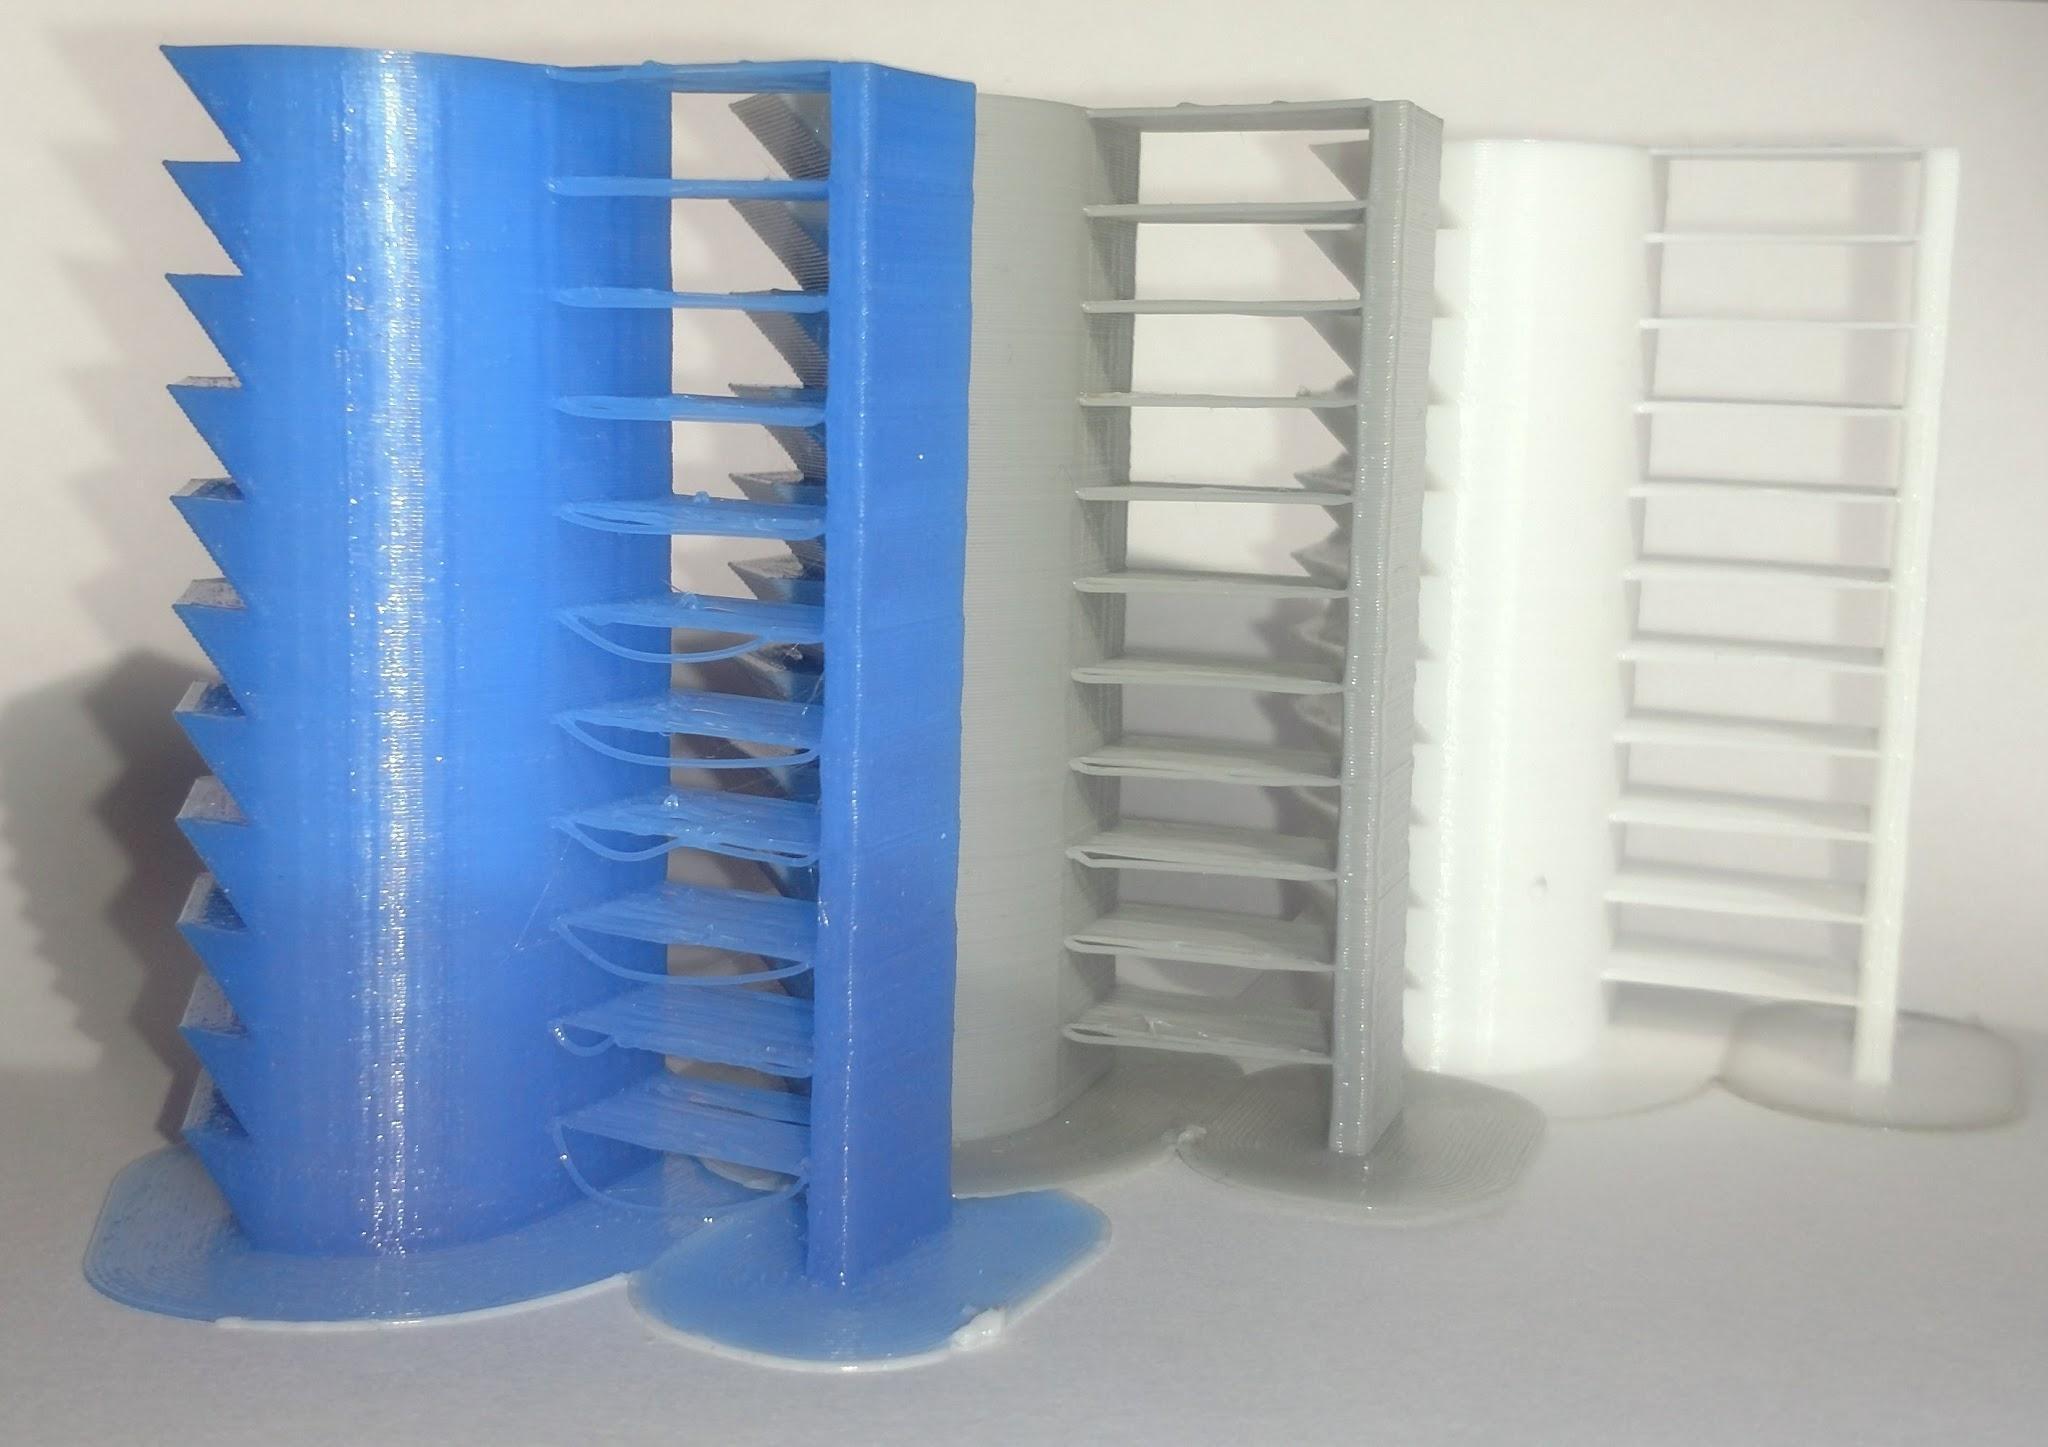 Bild eines Heat-Towers, an dem man erkennen kann, bei welcher Temperatur die beste Verabeitungseigenschaft hat.